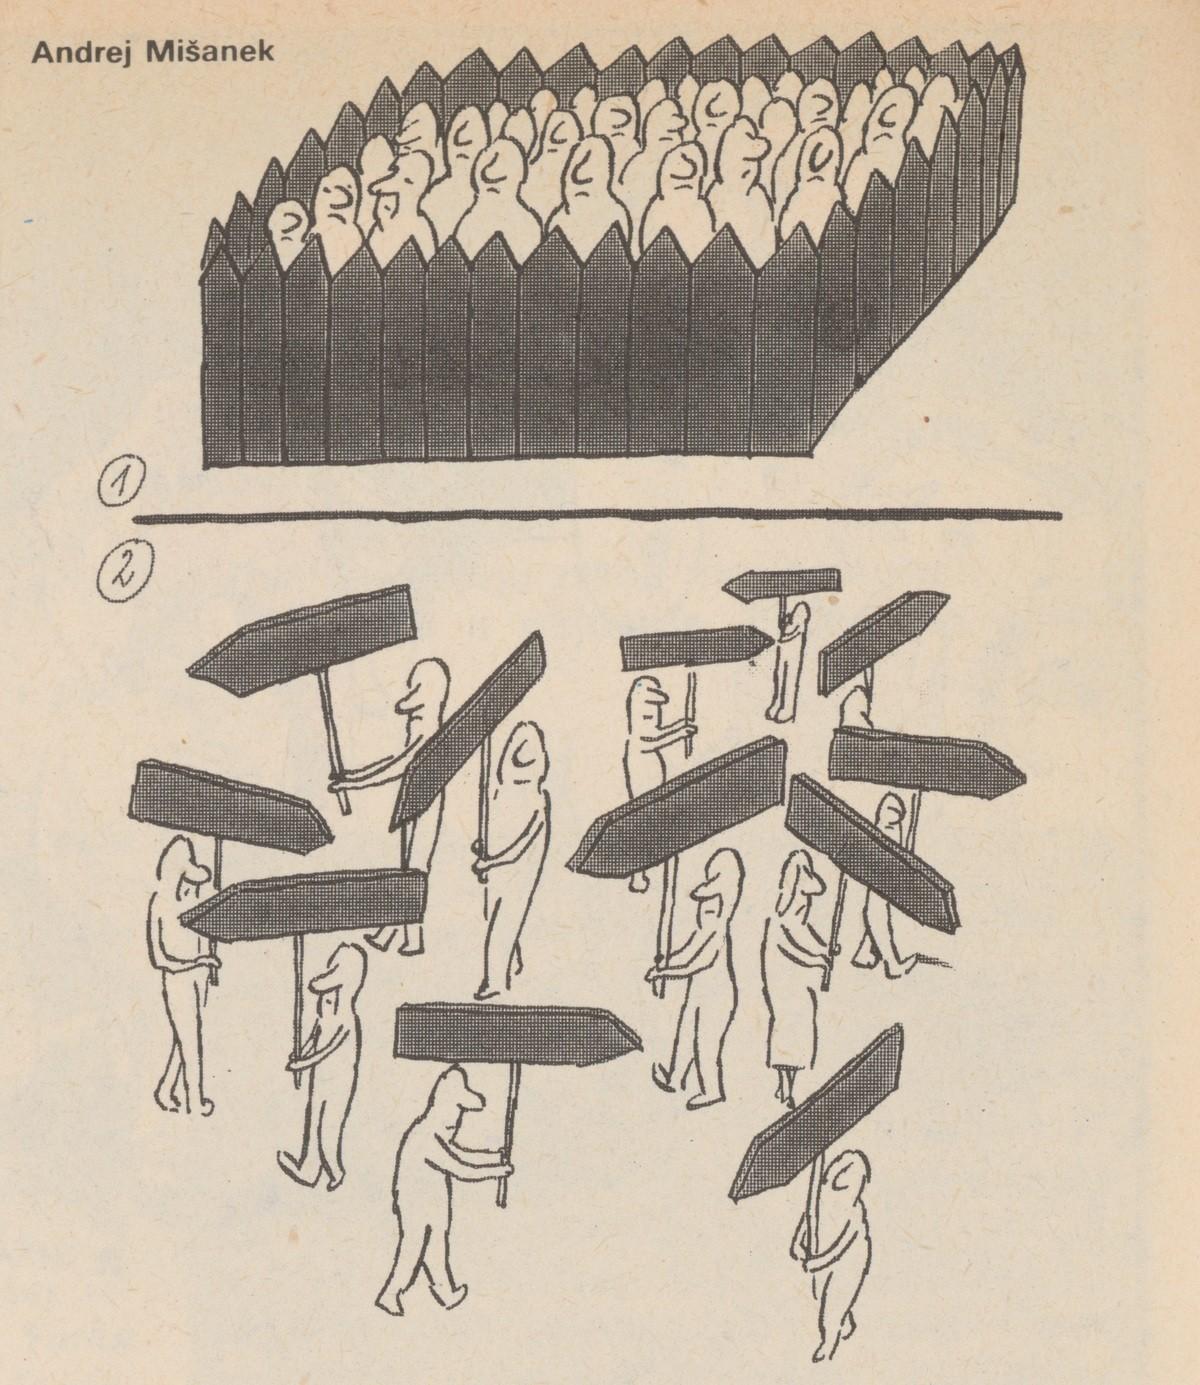 Andrej Mišanek, Ľudia spoza plotu. 1989. Časopis Roháč